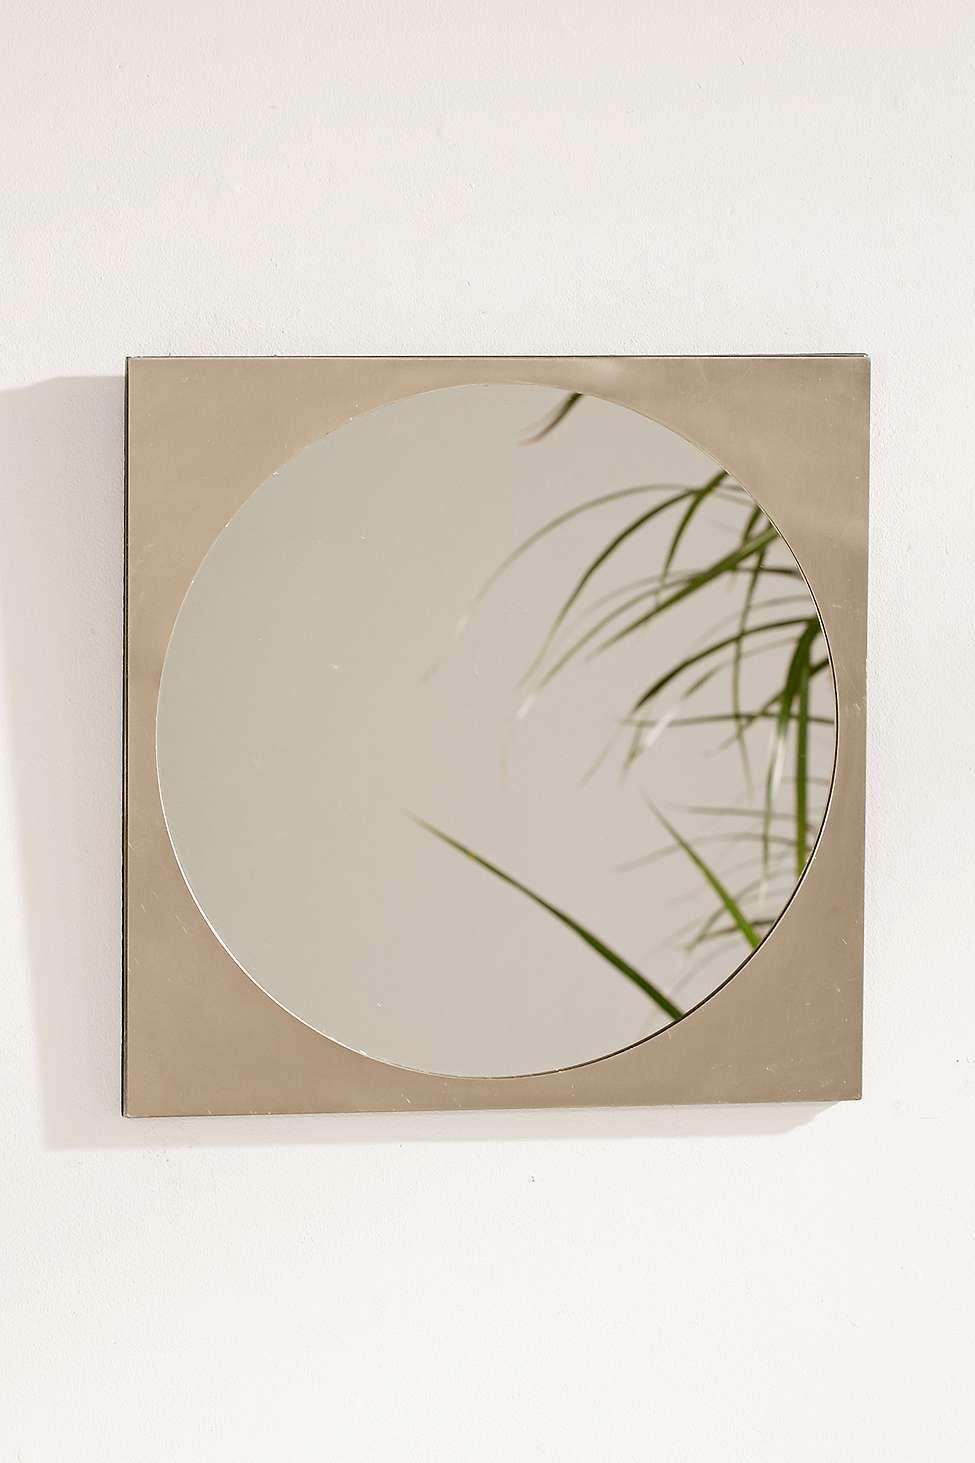 Kreisrunder Spiegel mit Oberlage aus Metall